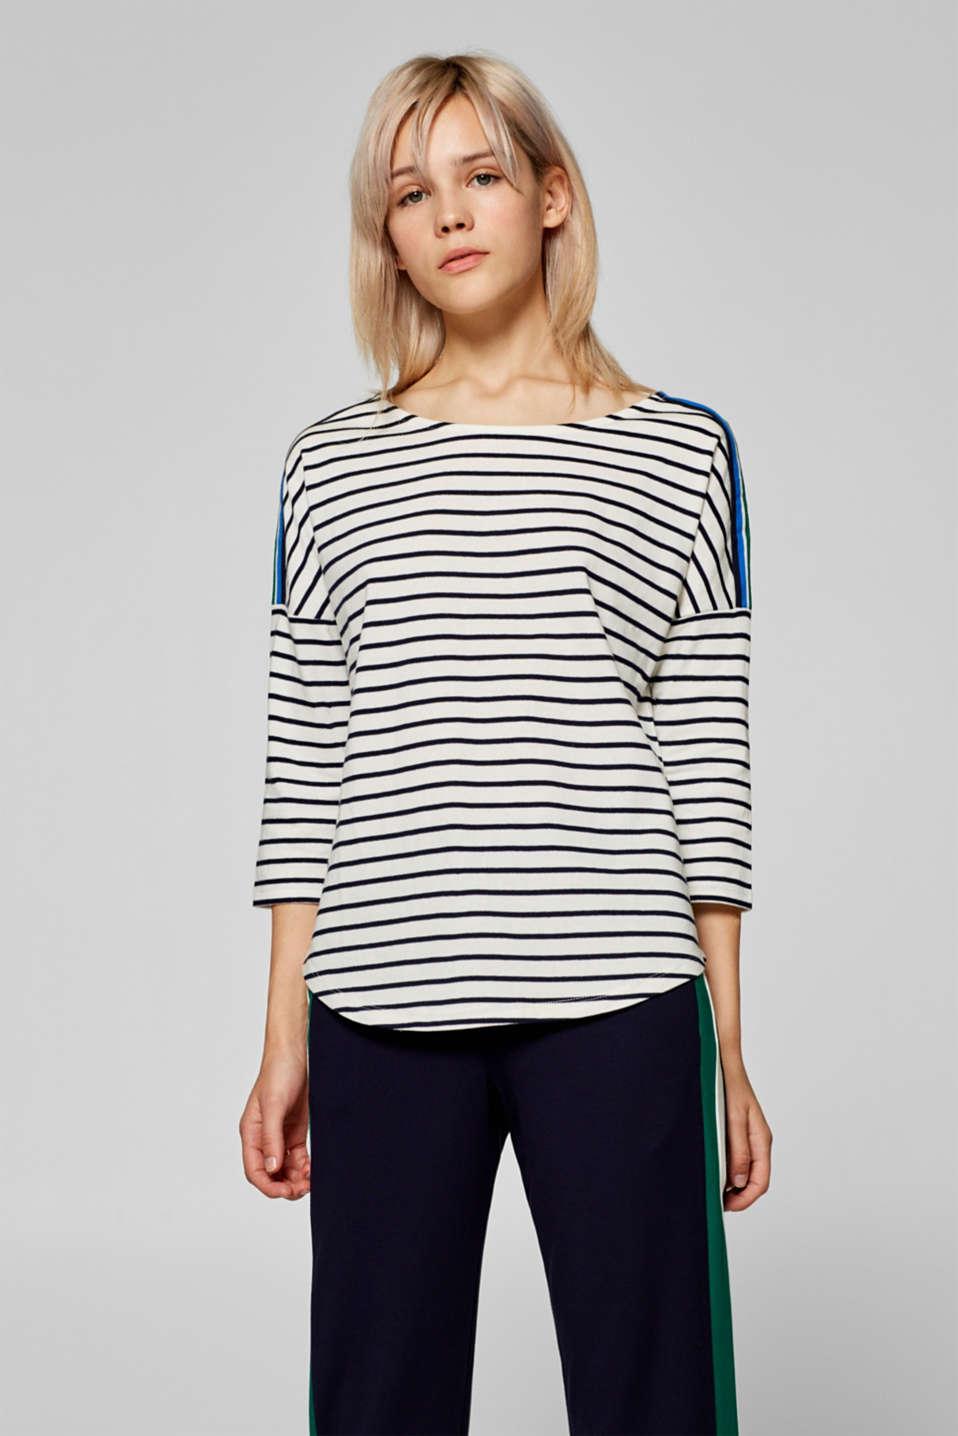 Esprit - Gestreiftes Boxy-Shirt mit Webbändern im Online Shop kaufen 93635818c8